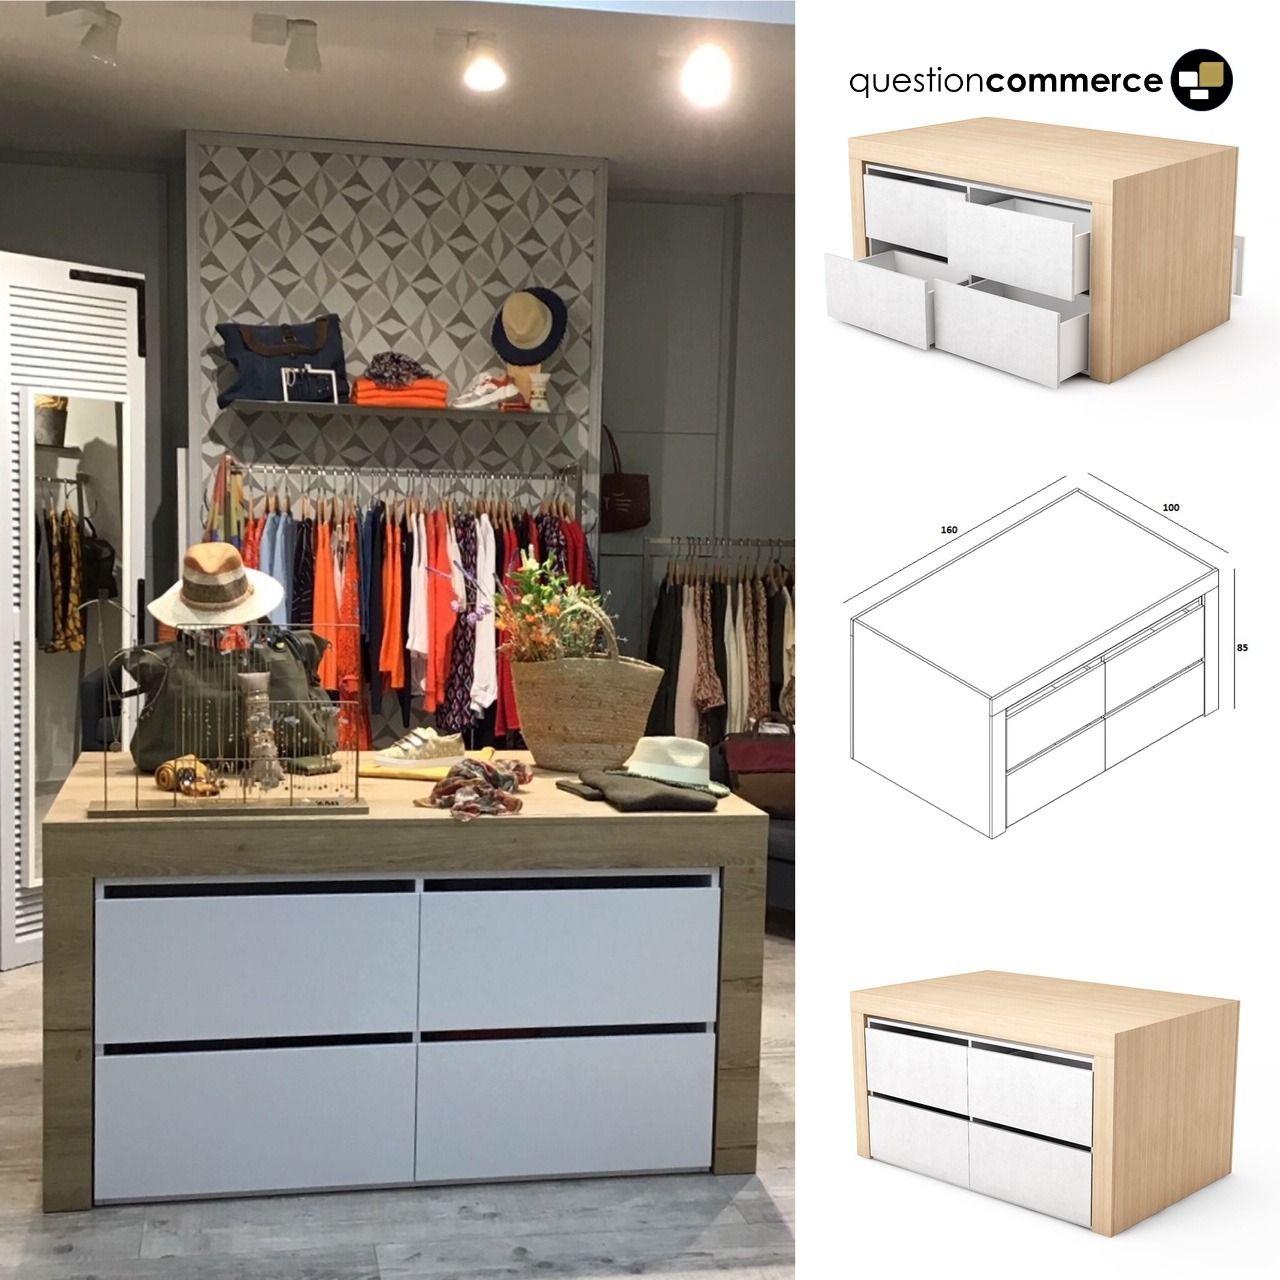 Table Merchandising Concept Store En 2020 Espaces De Stockage Magasins Concept Concept Store